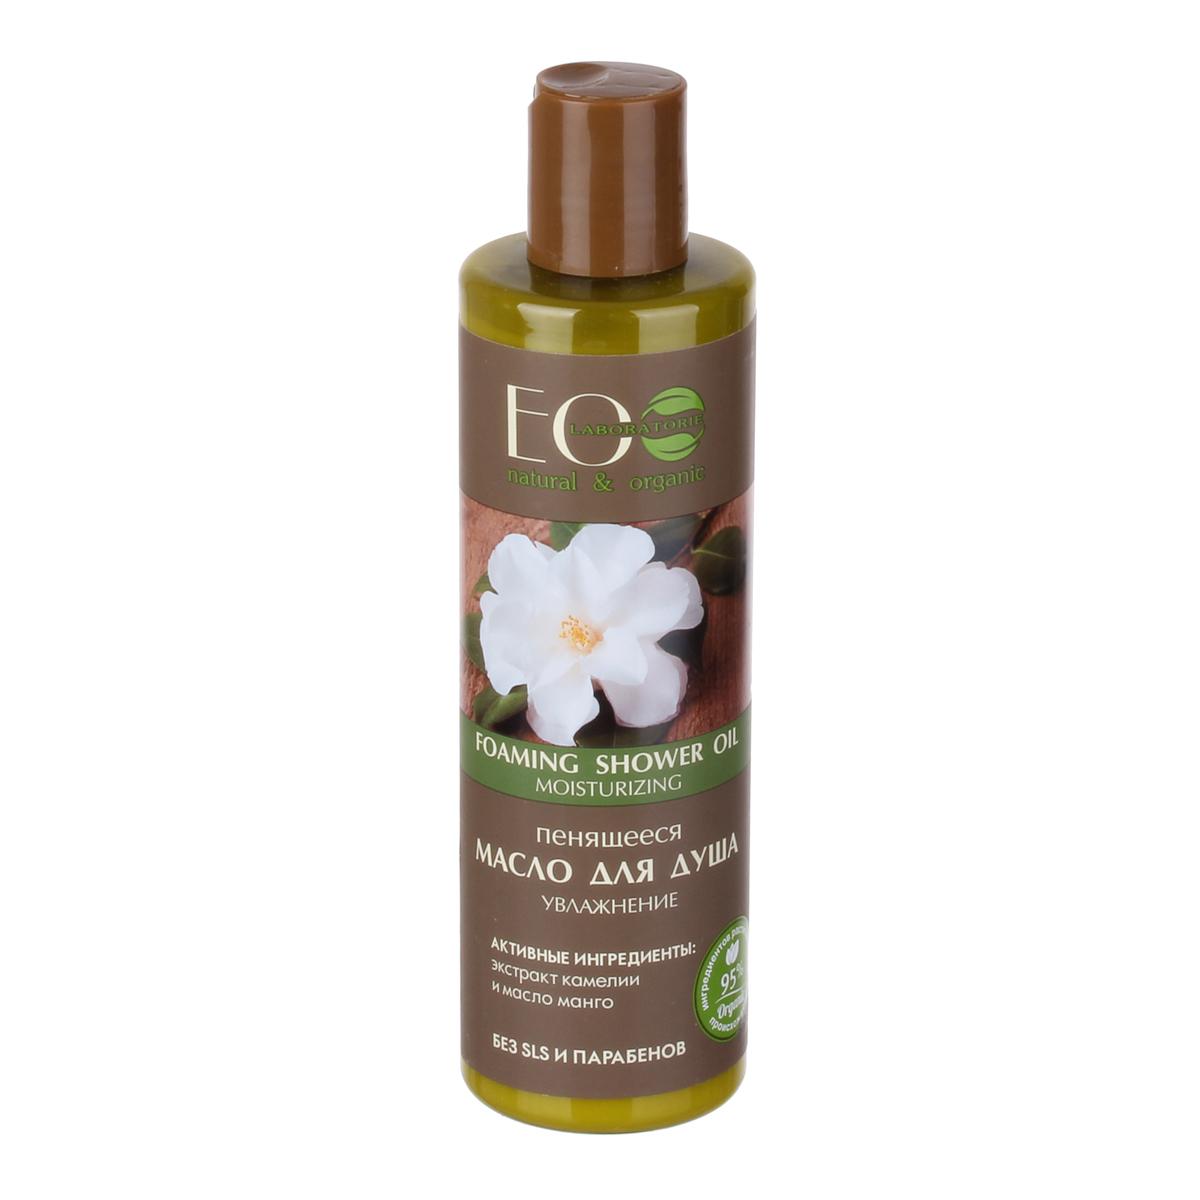 EcoLab ЭкоЛаб Масло пенящееся для душа Увлажнение 250 мл4627089430748Прекрасно очищает, питает и увлажняет кожу. Защищает ее от вредного воздействия окружающей среды. Придает коже упругость и эластичность, а также бархатистость и мягкость. Активные ингредиенты: масло манго и экстракт камелии